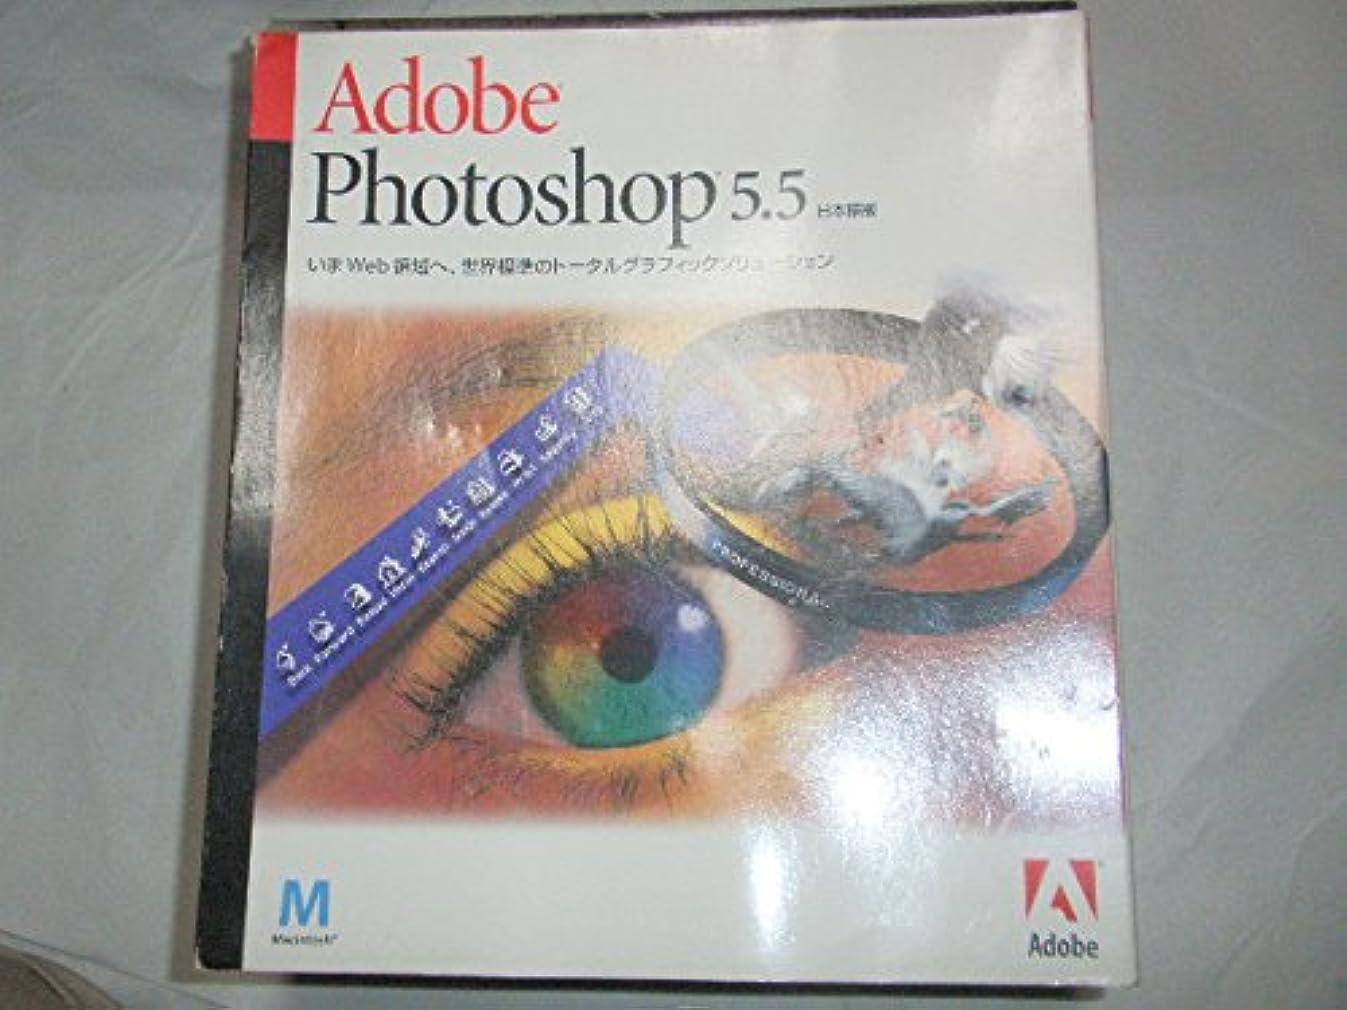 何でも泣く対人ADOBE Photoshop 5.5 Macintosh版 日本語